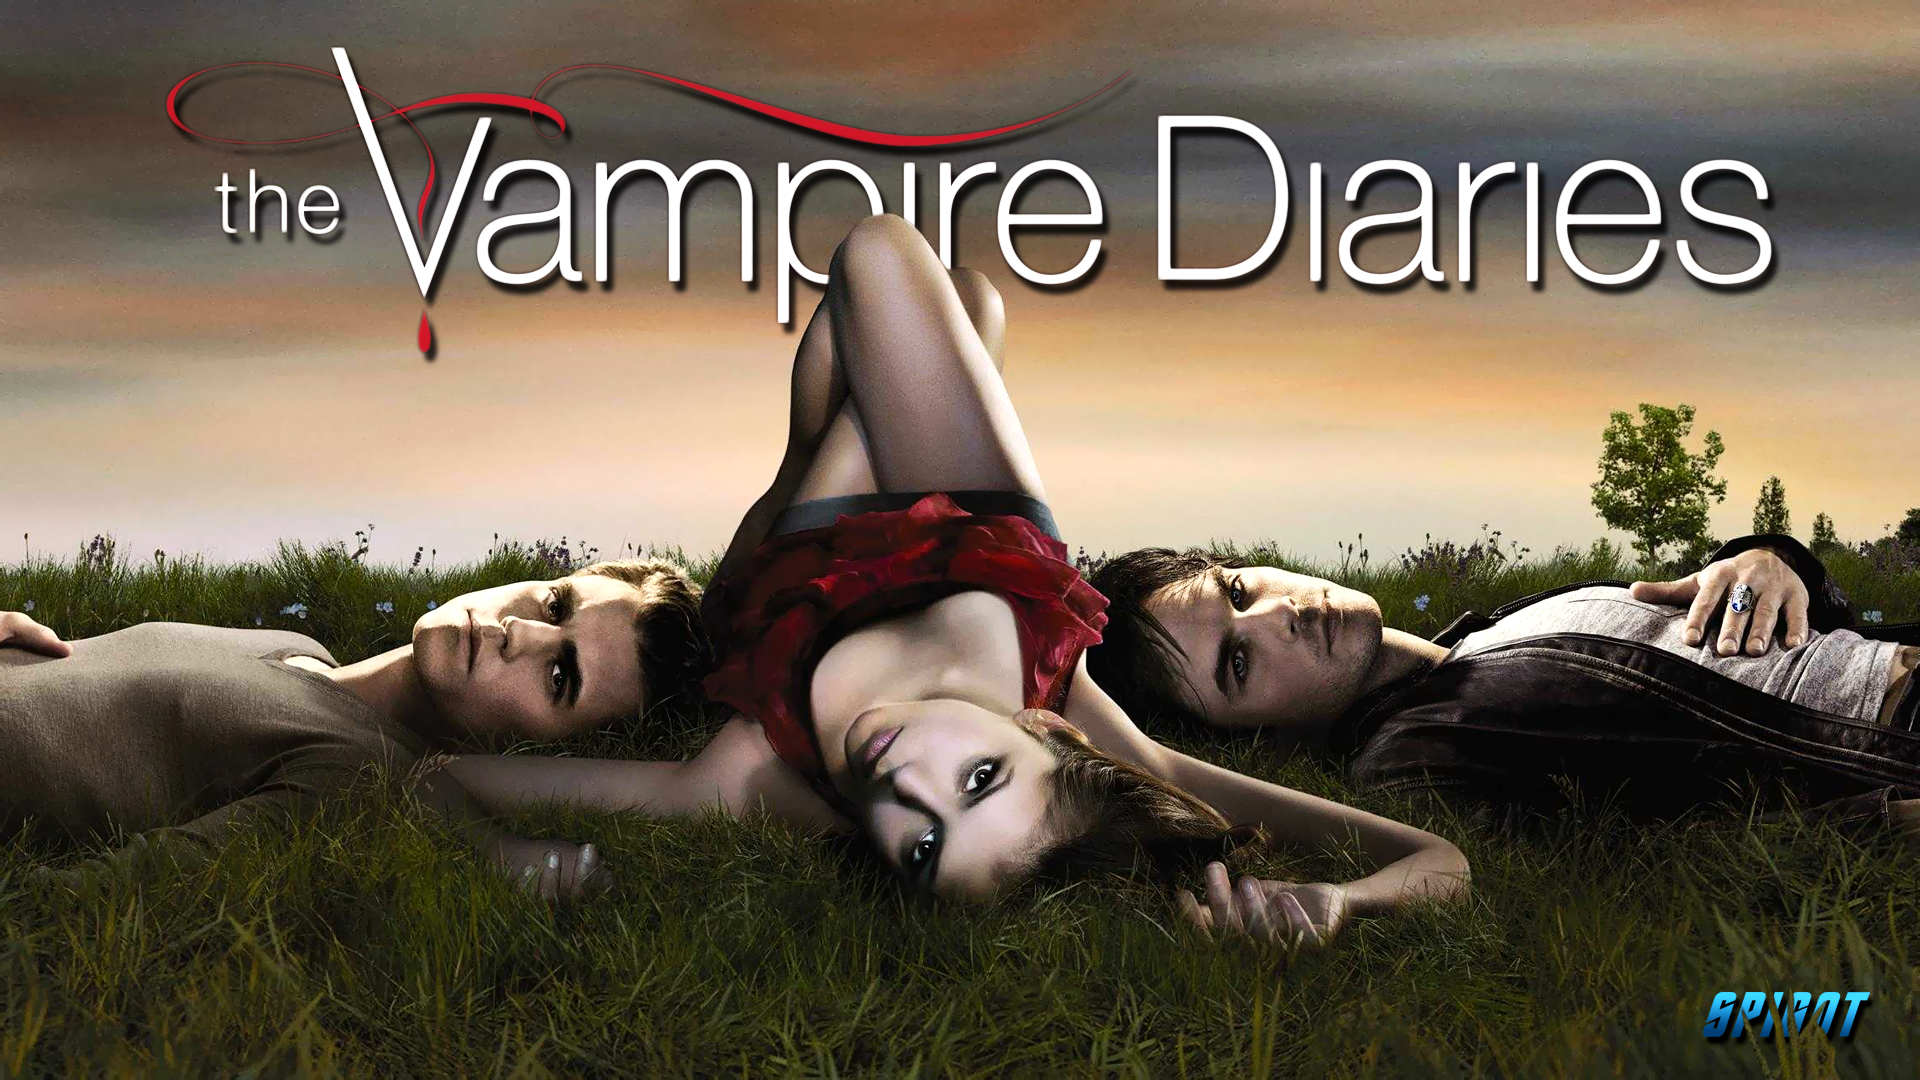 the-vampire-diaries-01.jpg